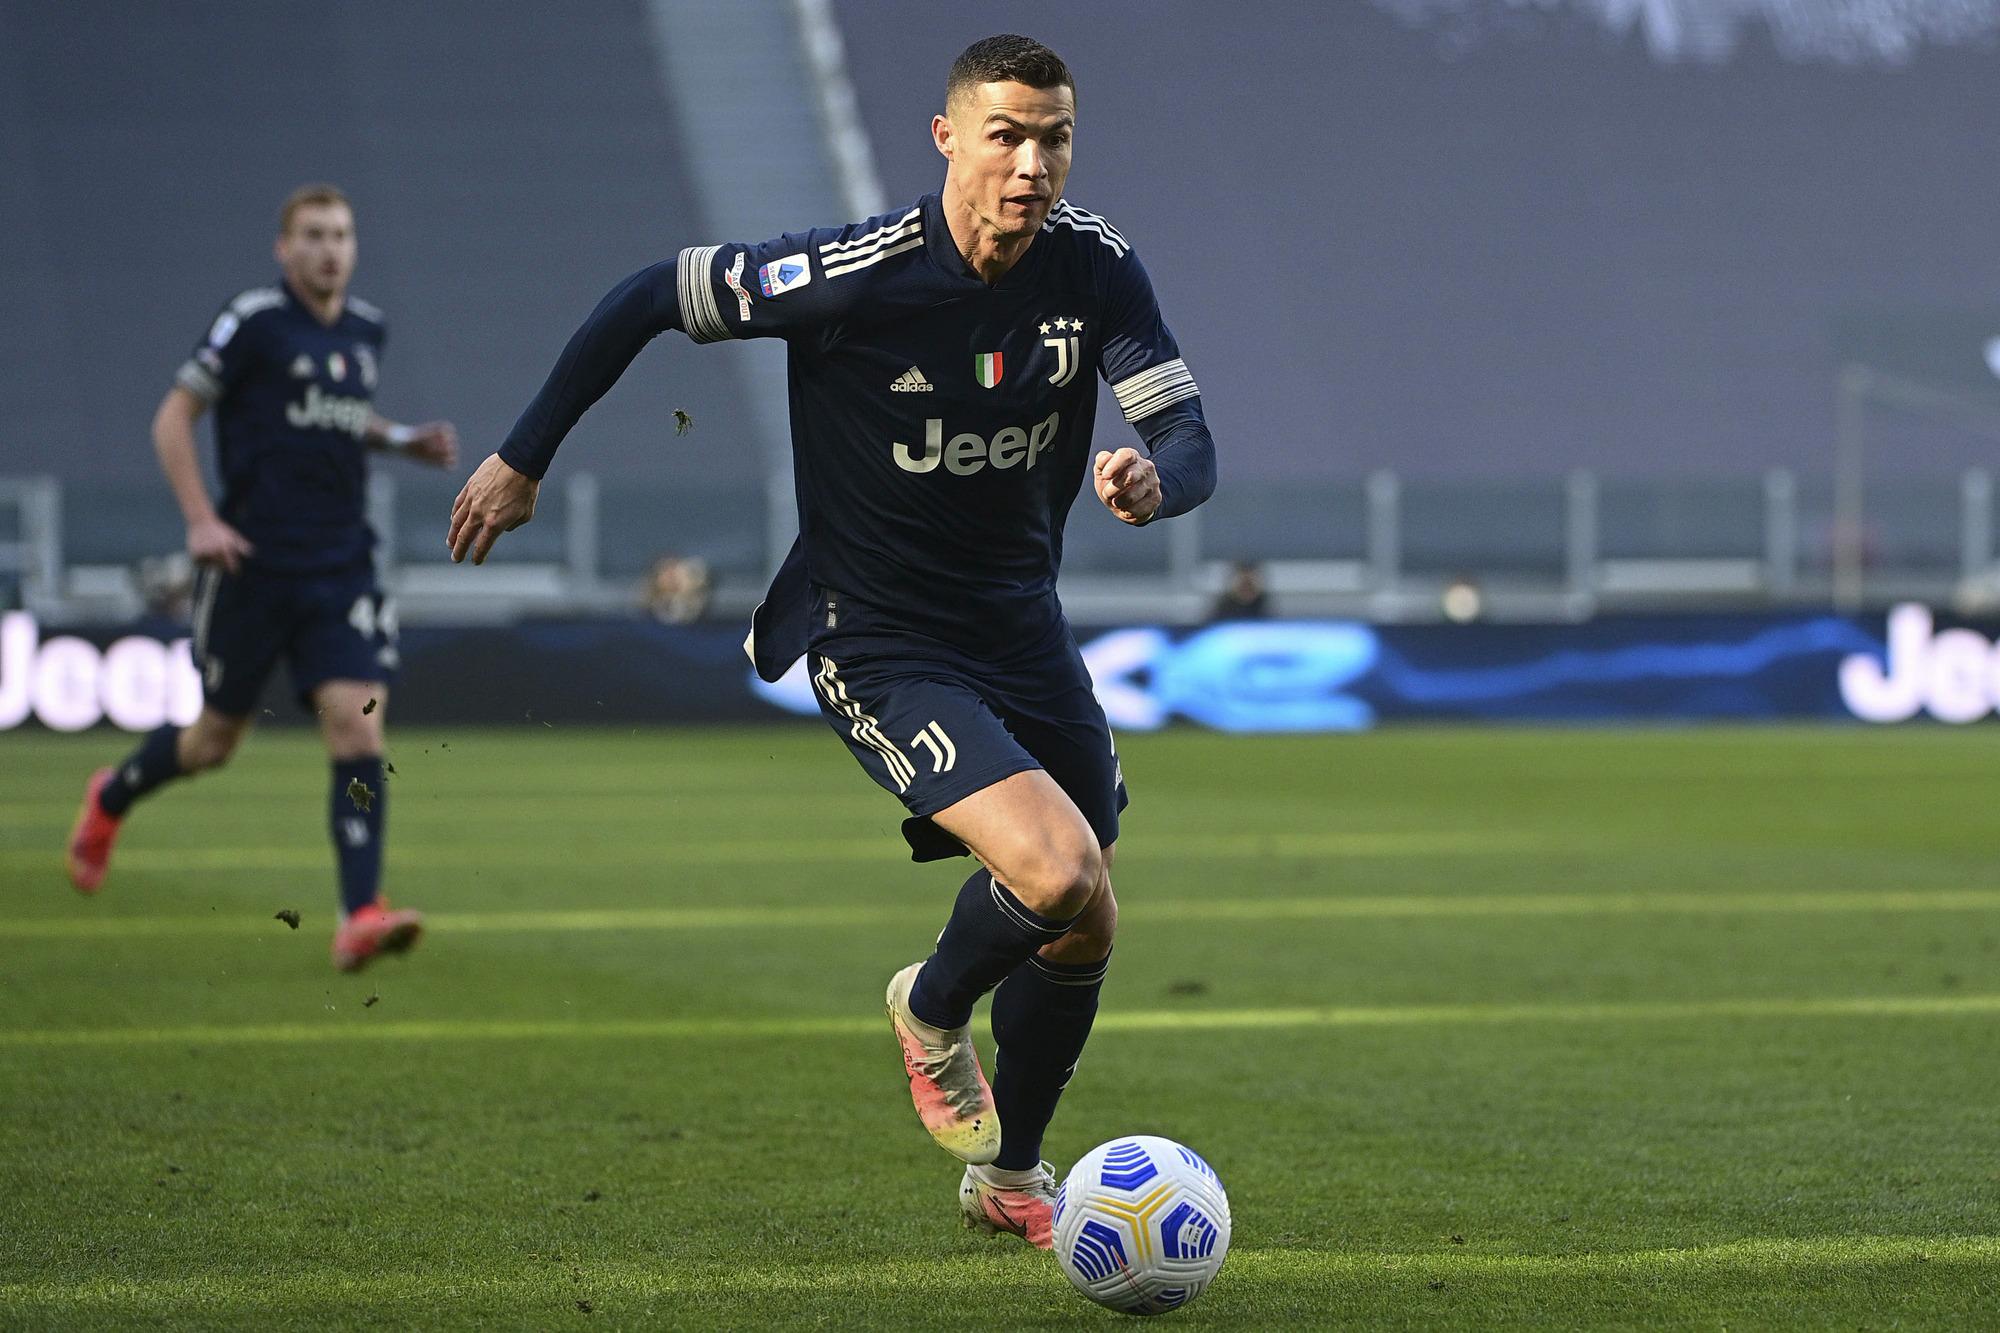 Ronaldo không đủ sức kéo nỗi một tập thể Juventus kém chất lượng nhất từ khoảng 10 năm qua đi lên. Ảnh: Lapresse